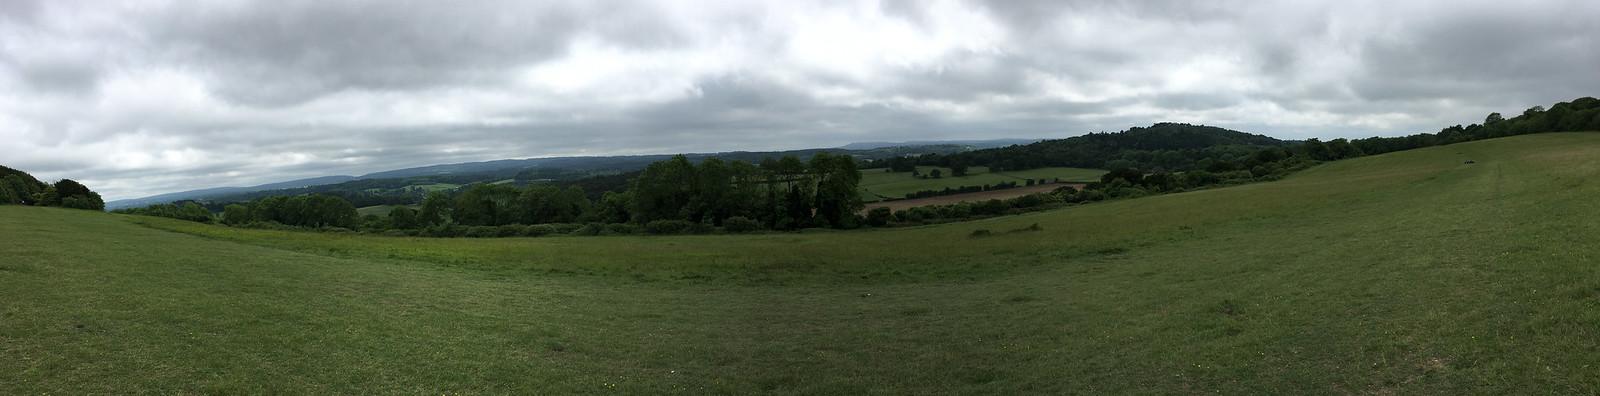 Tillingbourne Valley